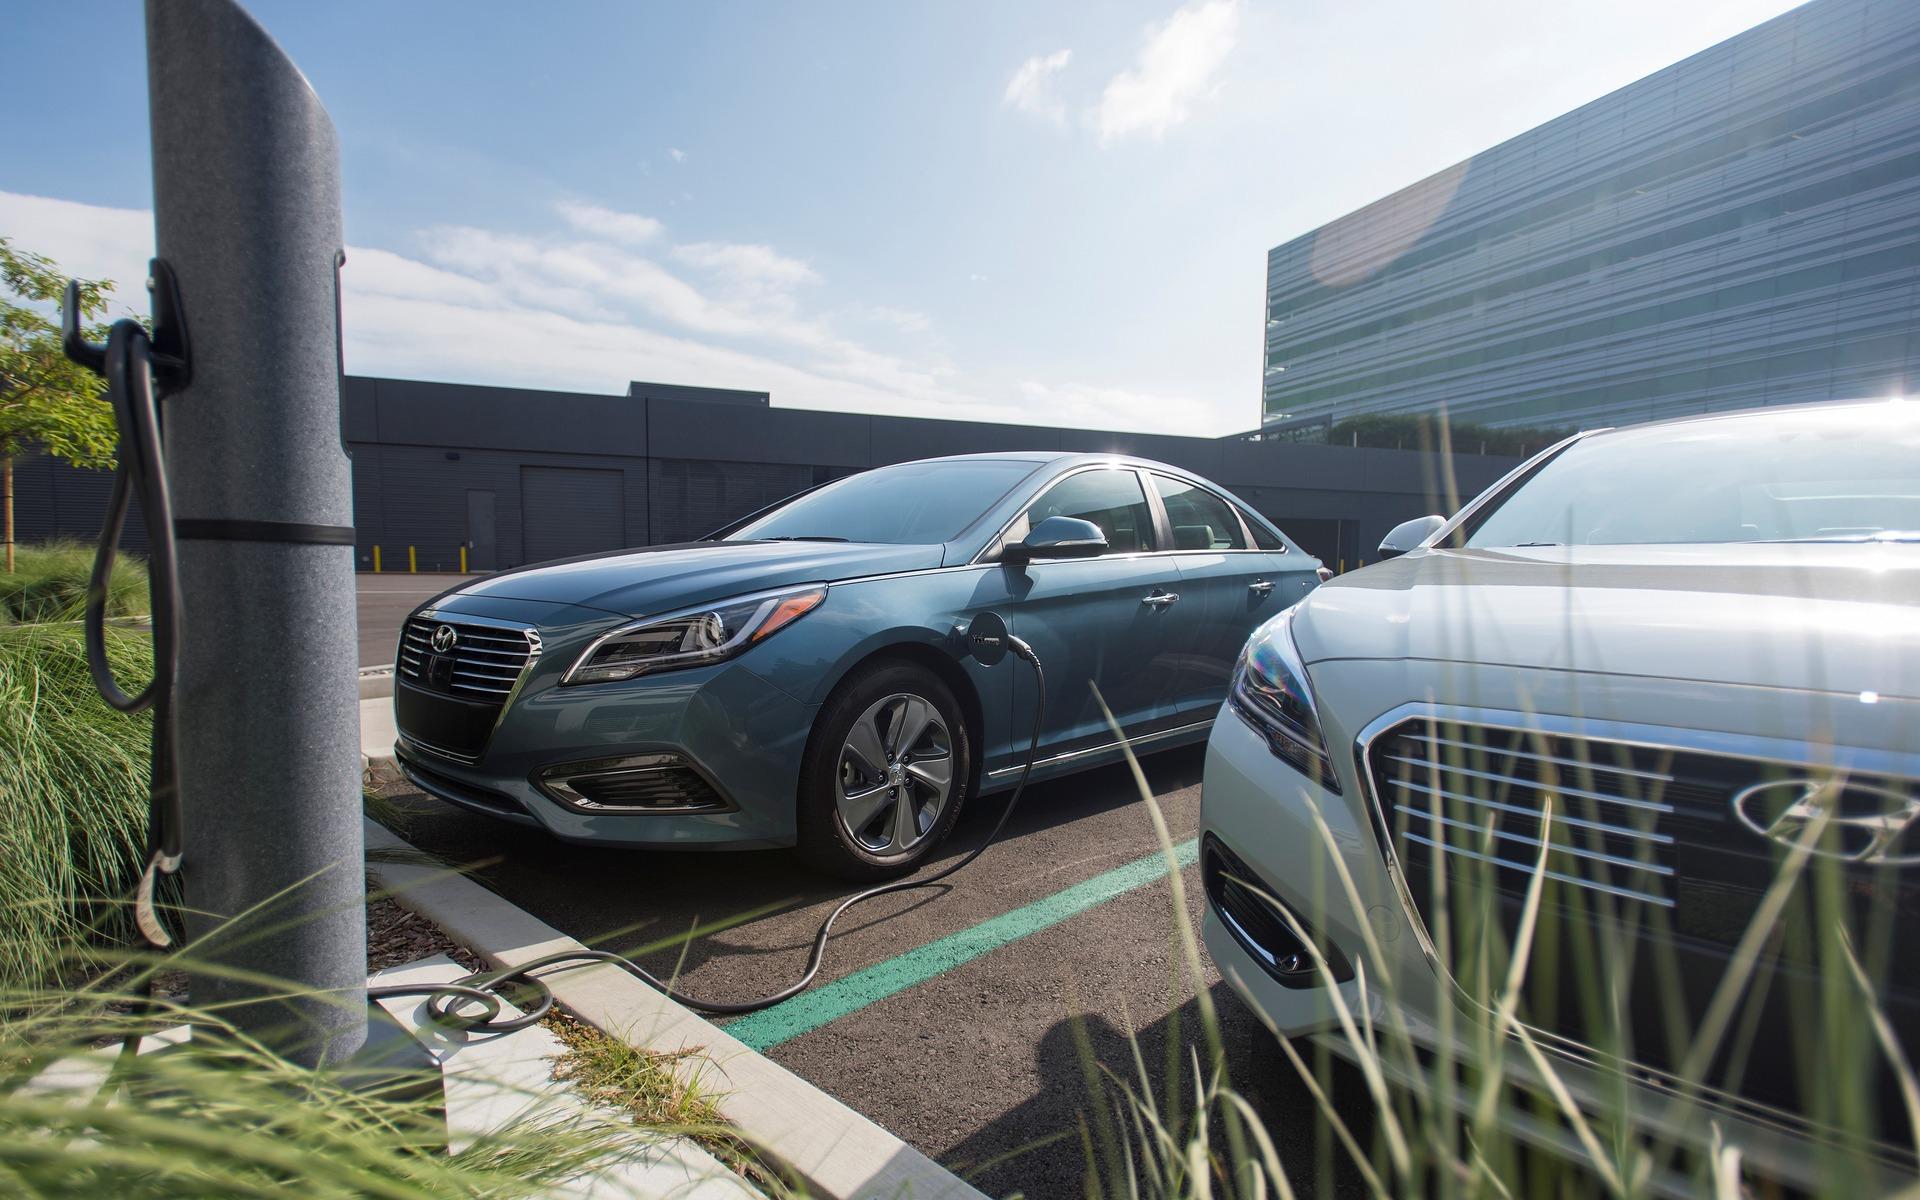 Hyundai Sonata Hybride branchable 2016 - Chargeur de 220 volts